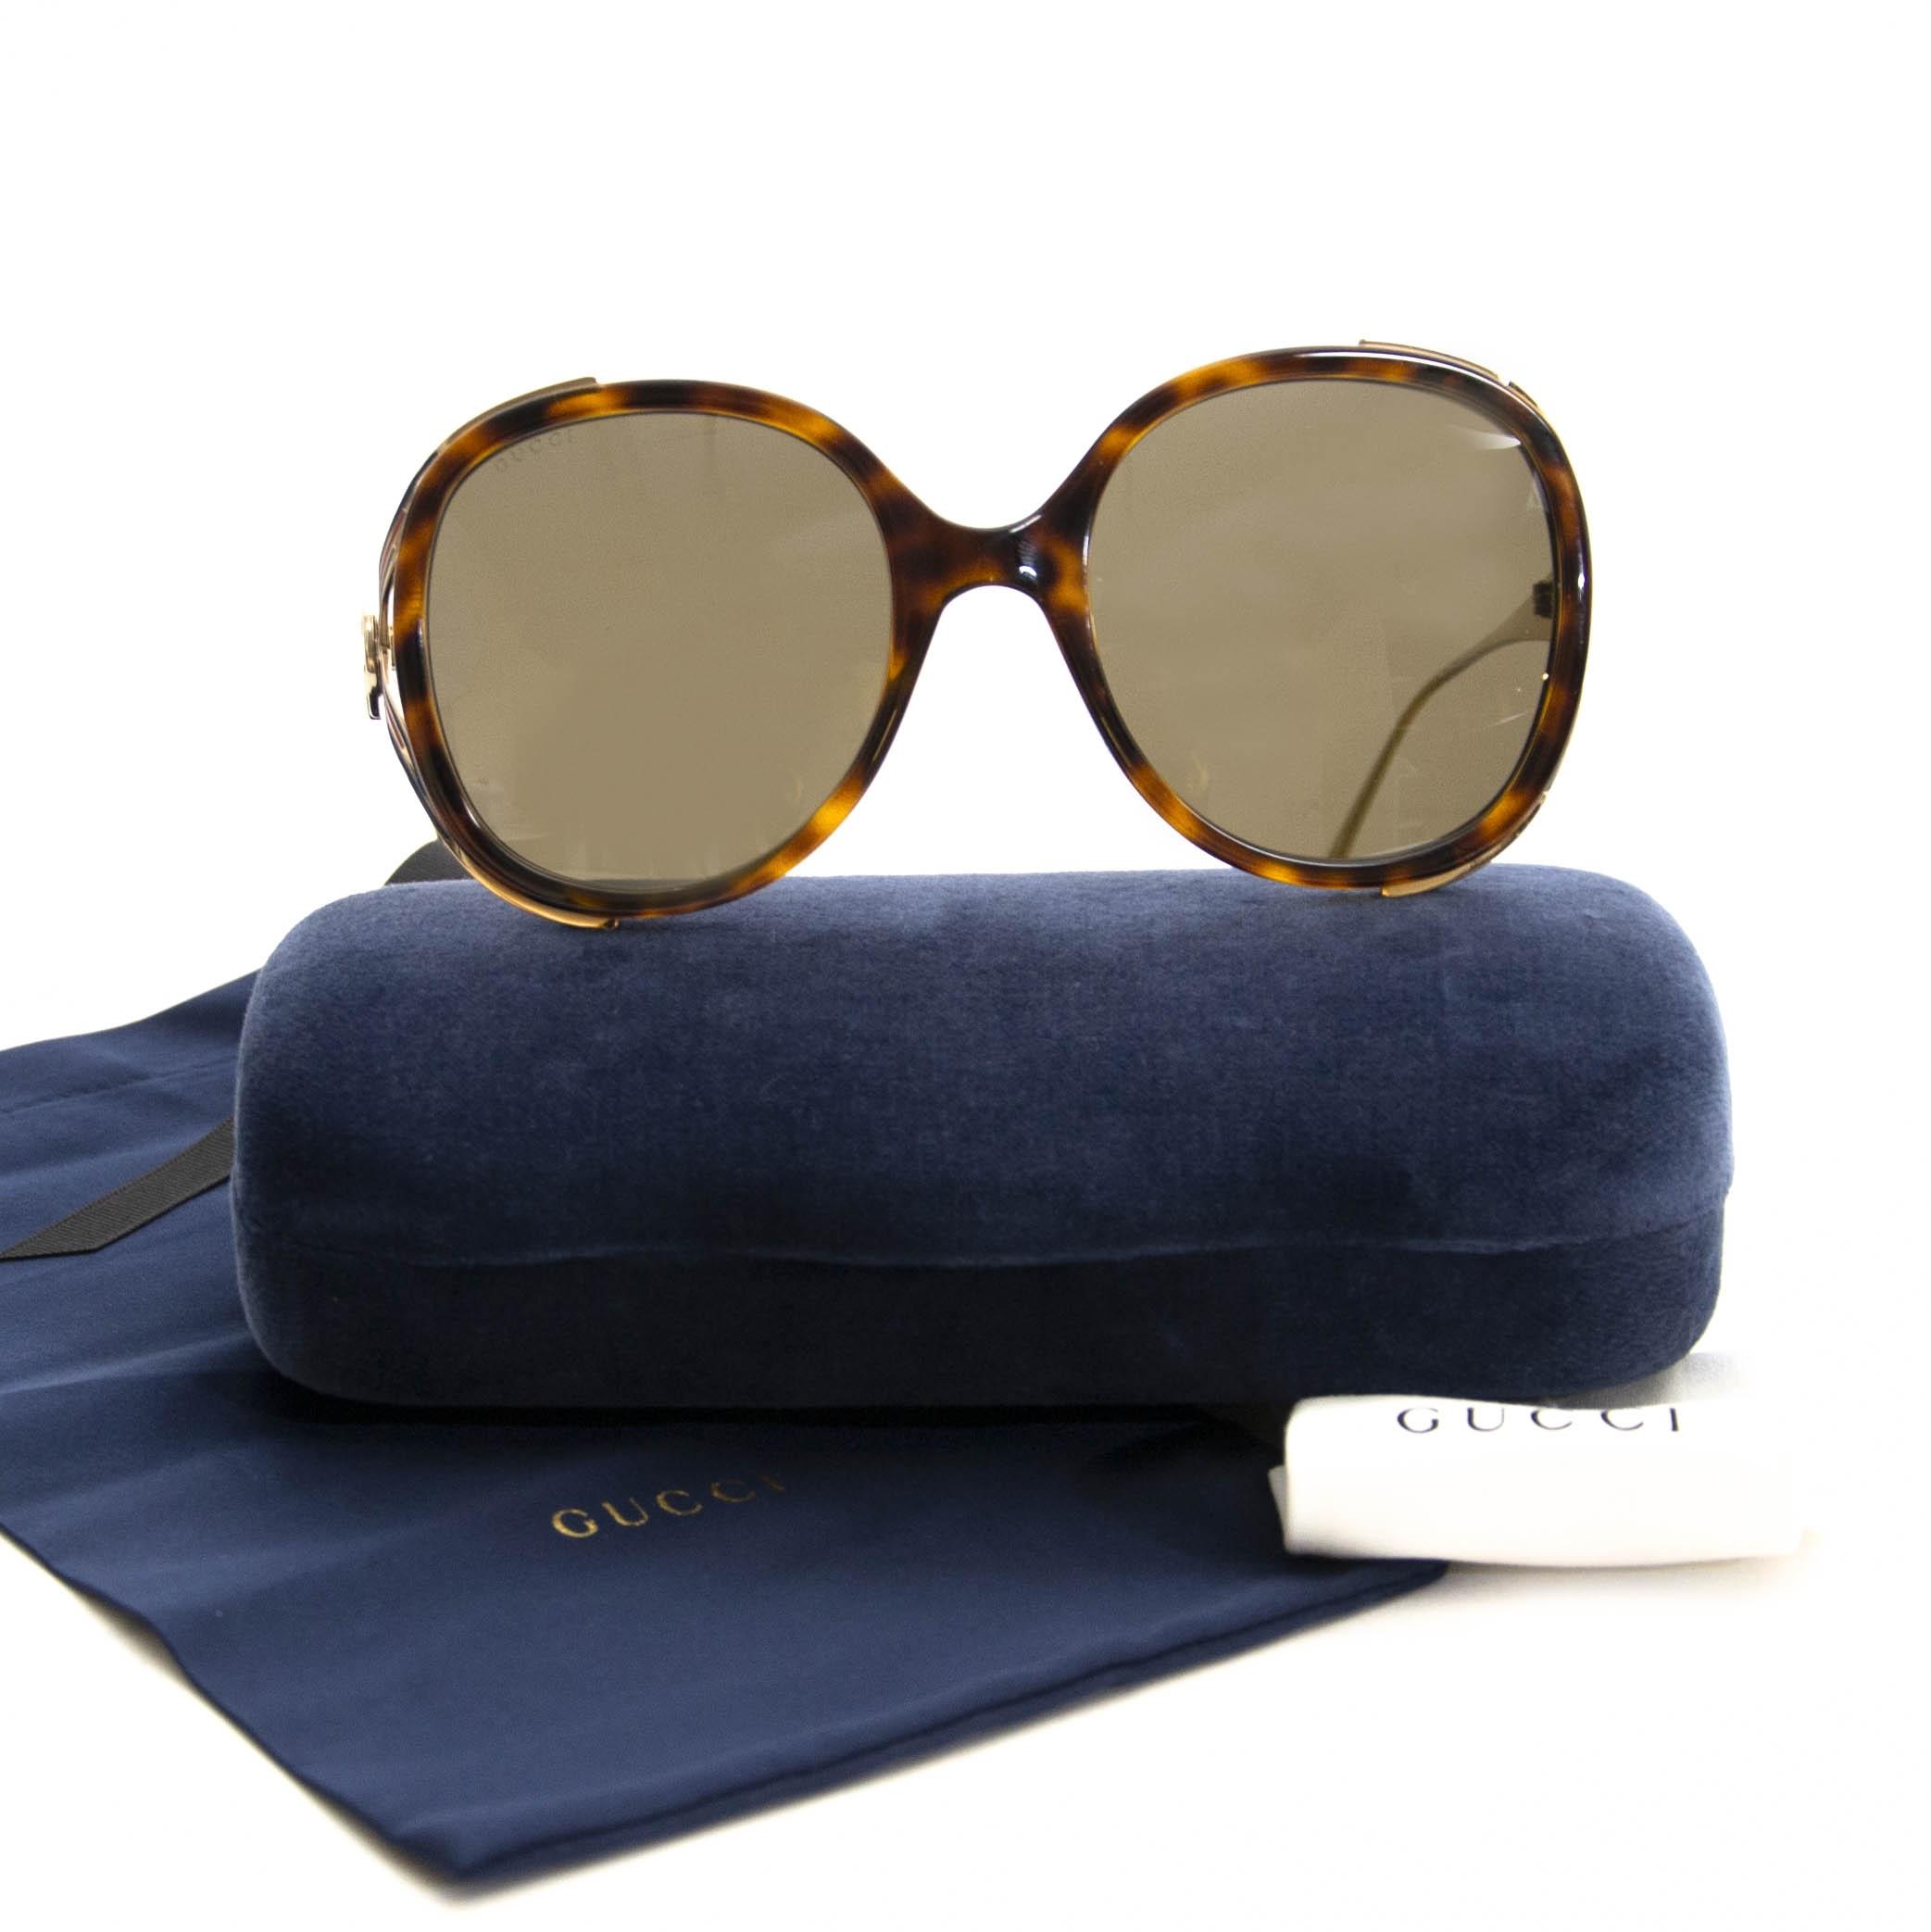 Gucci Open Temple Sunglasses kopen en verkopen aan de beste prijs bij Labellov